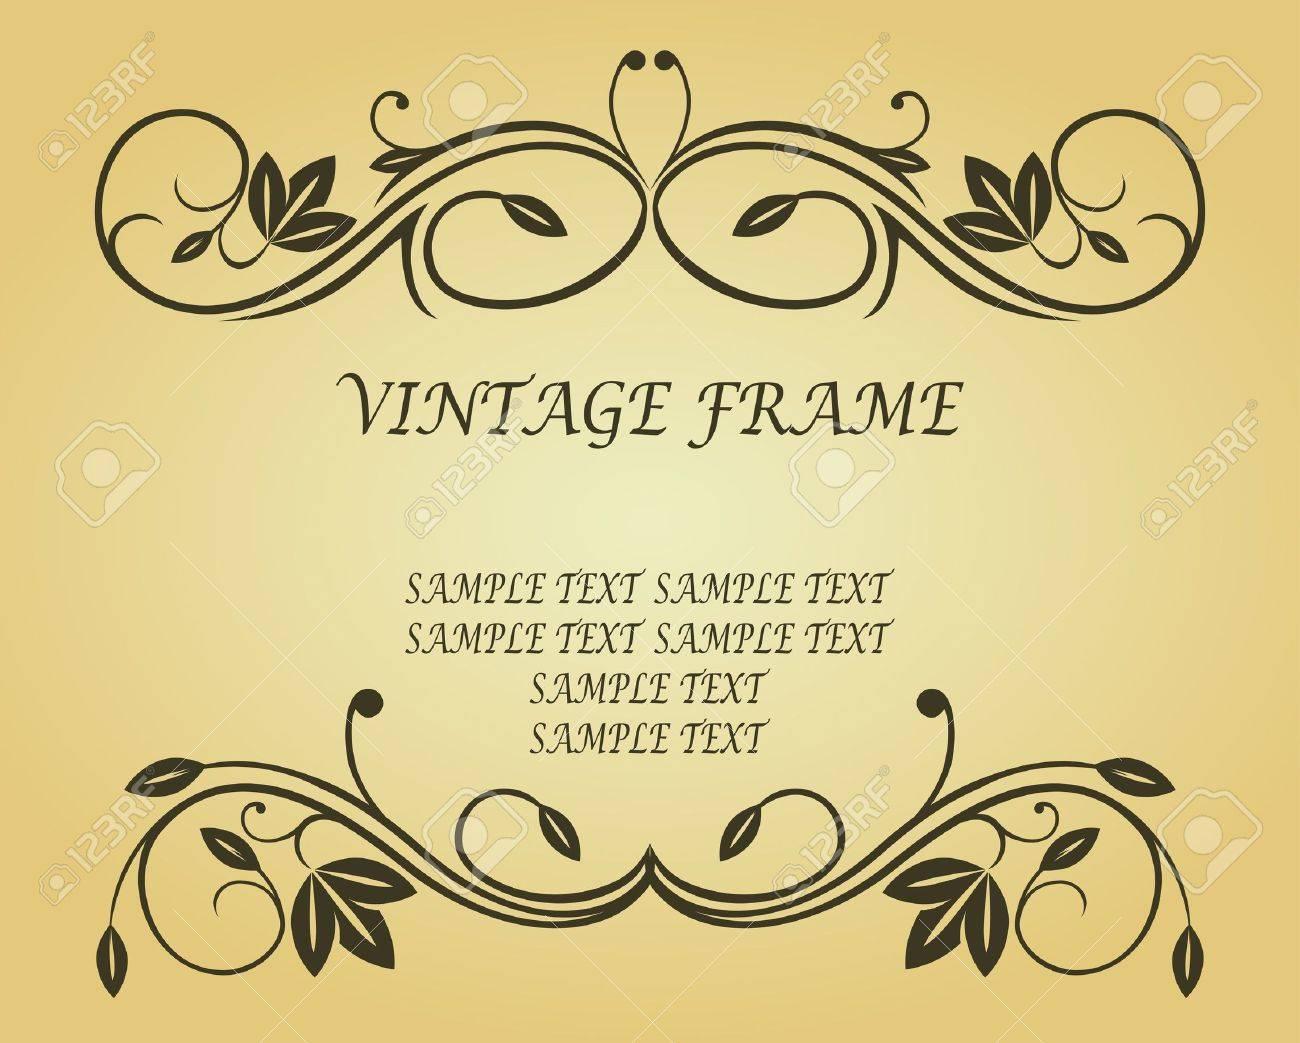 Antique vintage frame on background for design Stock Vector - 6827192